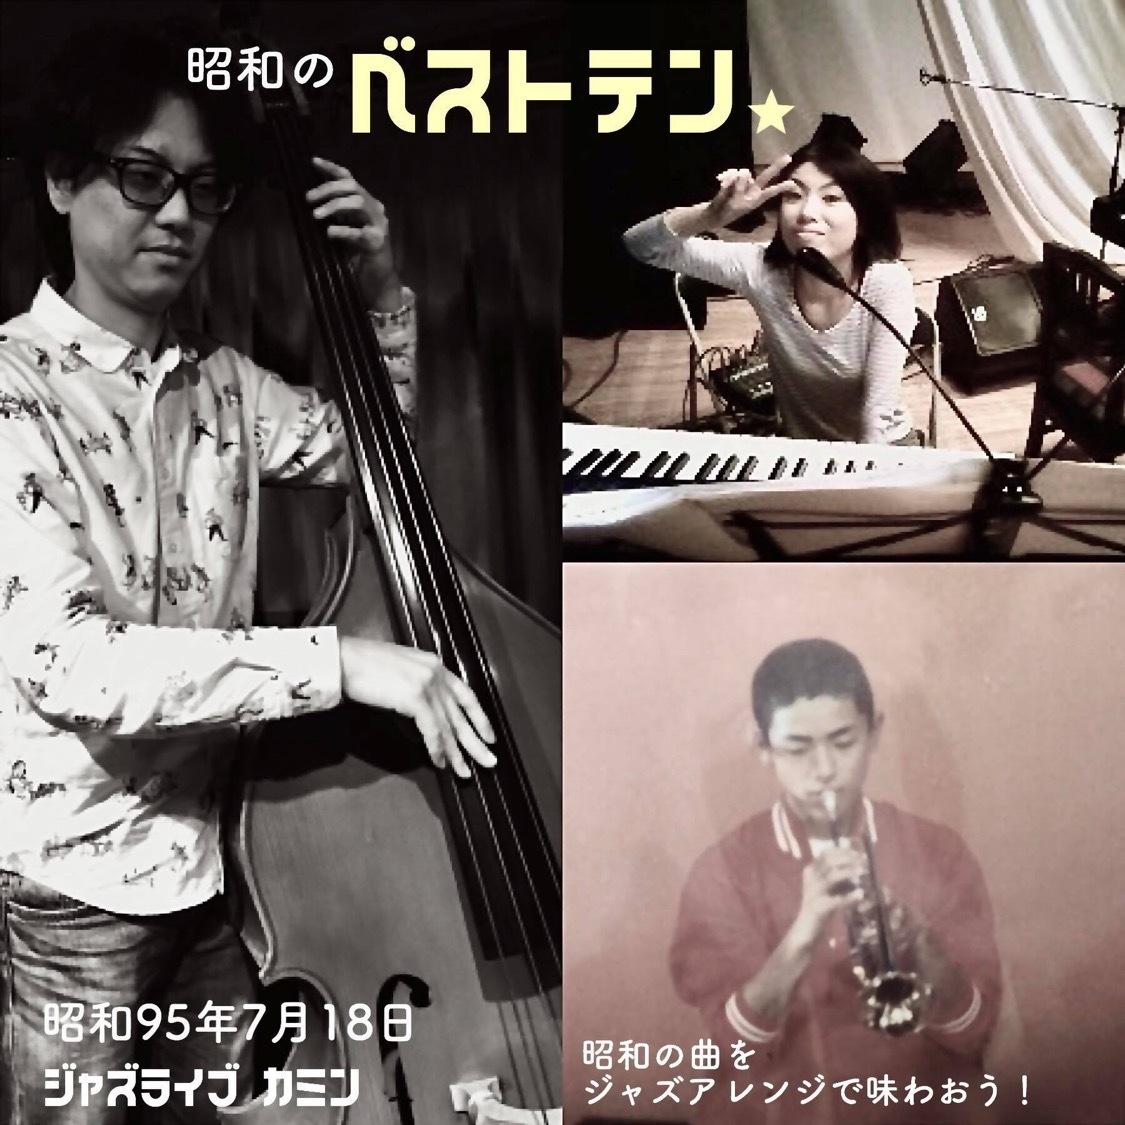 ジャズライブカミン  広島 Jazzlive Comin 本日7月18日土曜日の生演奏_b0115606_00293511.jpeg